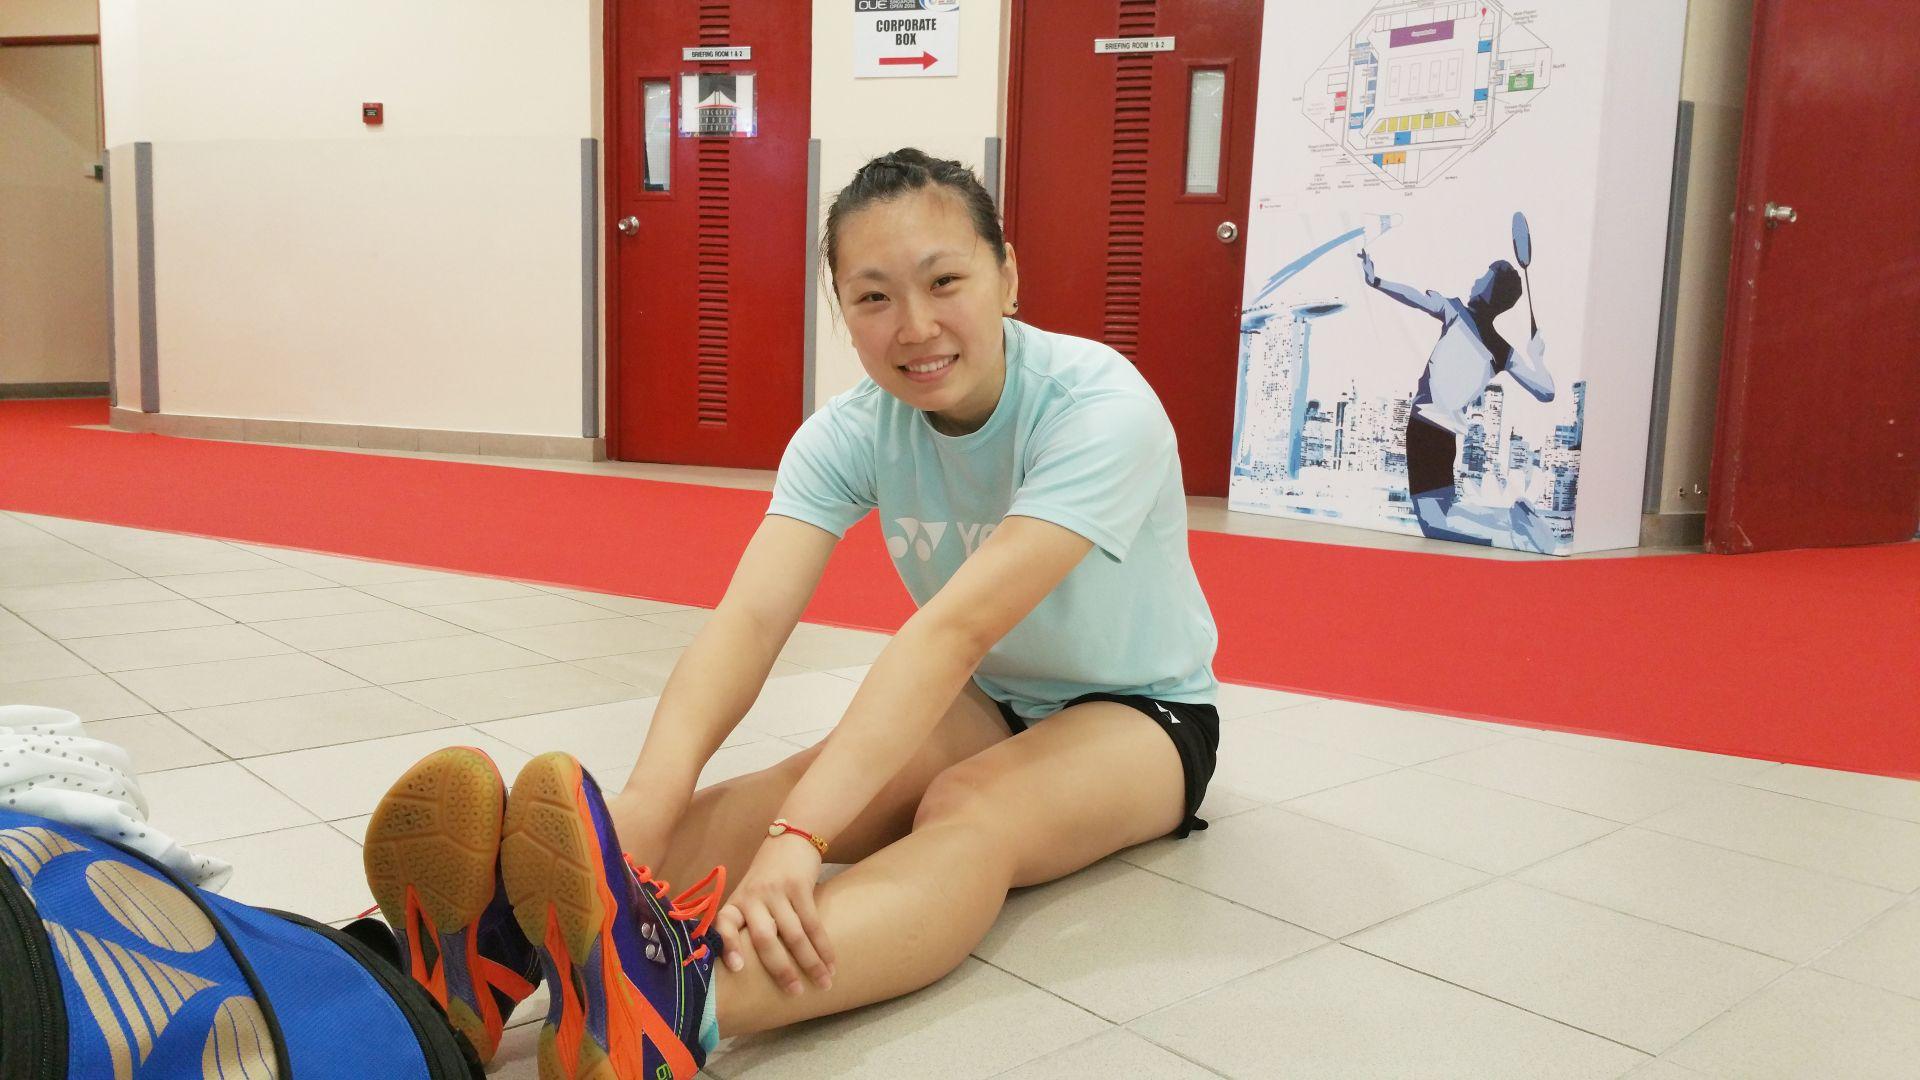 Djarum Badminton Perjalanan Tiga Negara Seorang Zhang Beiwen